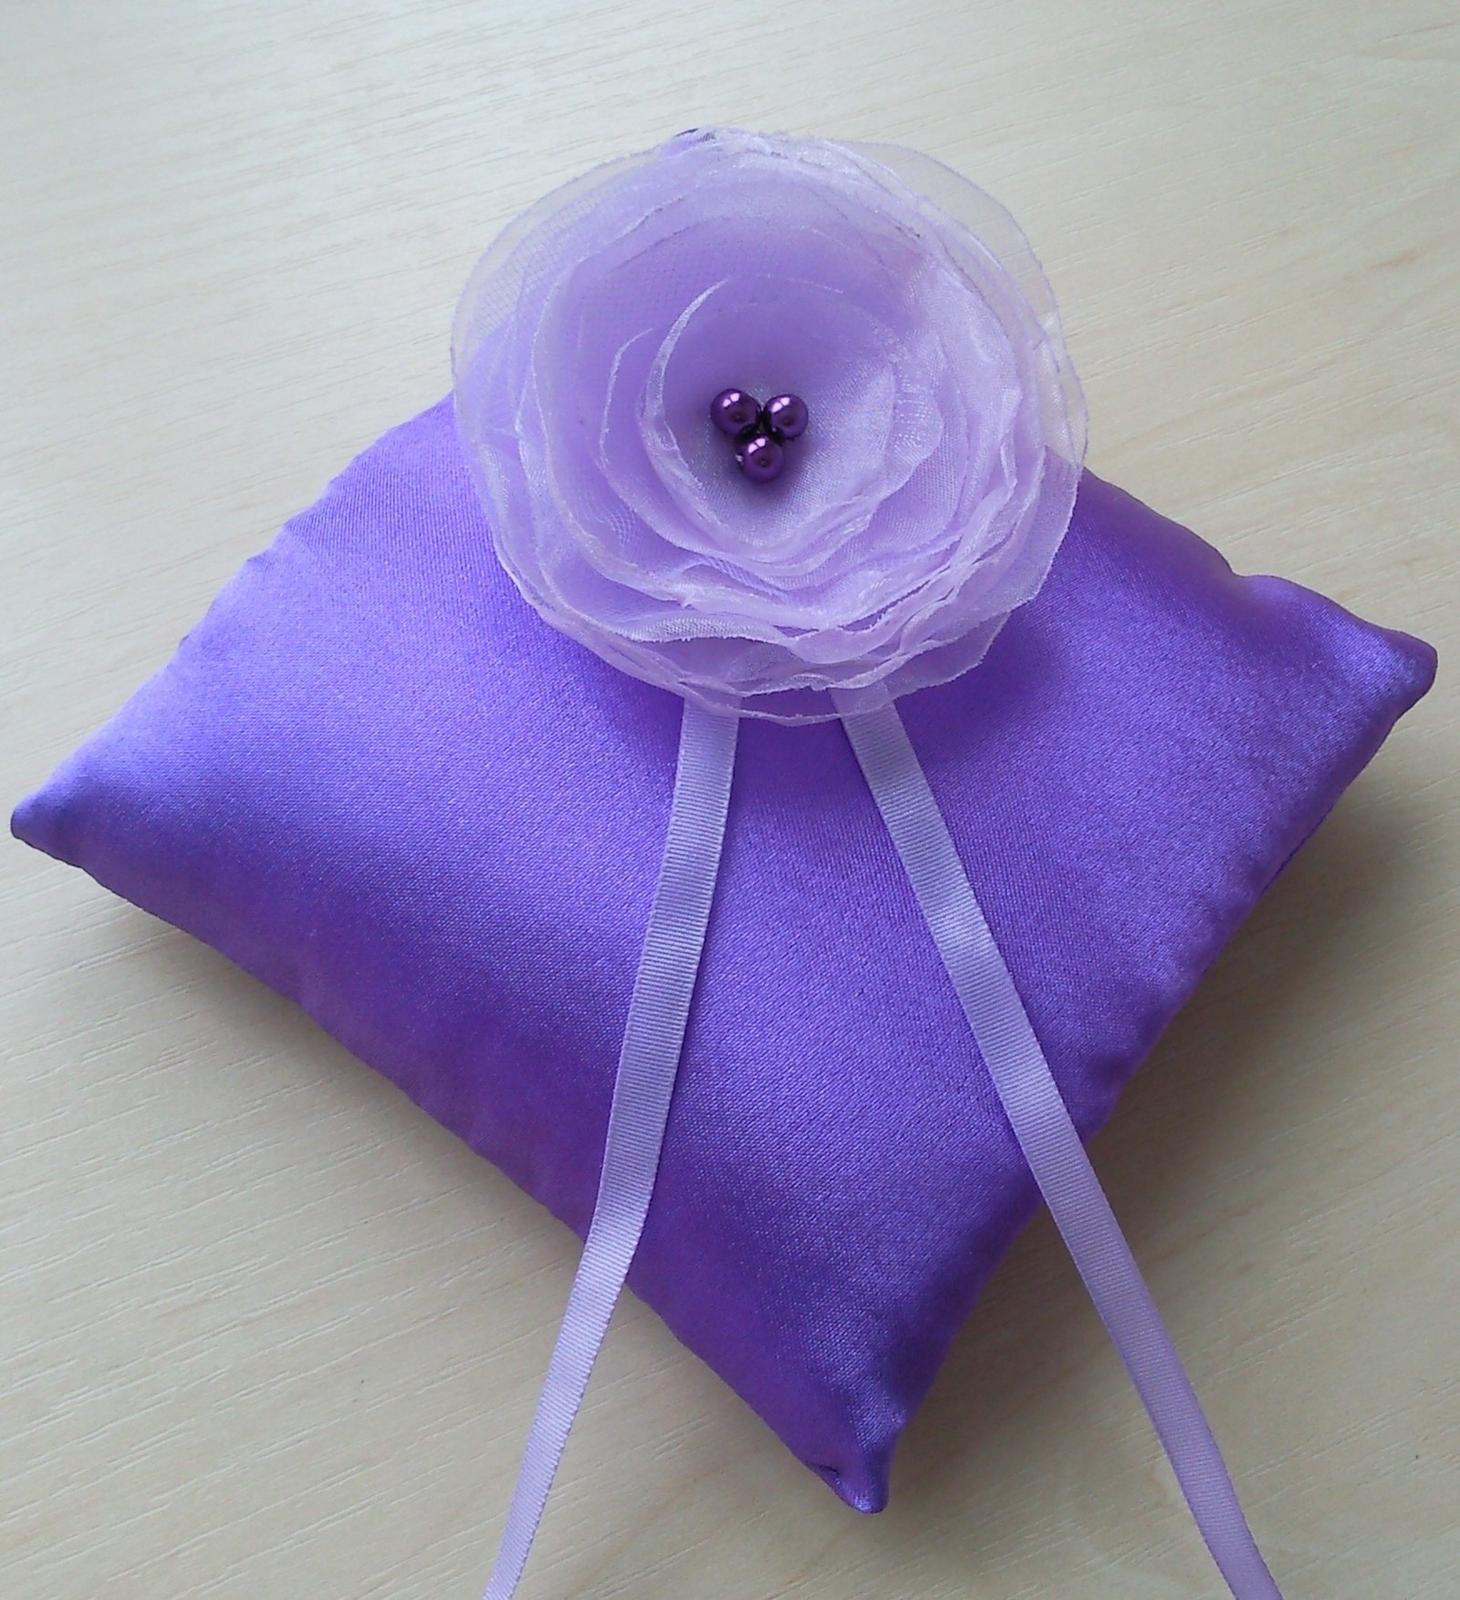 Klipy na boty pro nevěstu - fialový květ - Obrázek č. 2